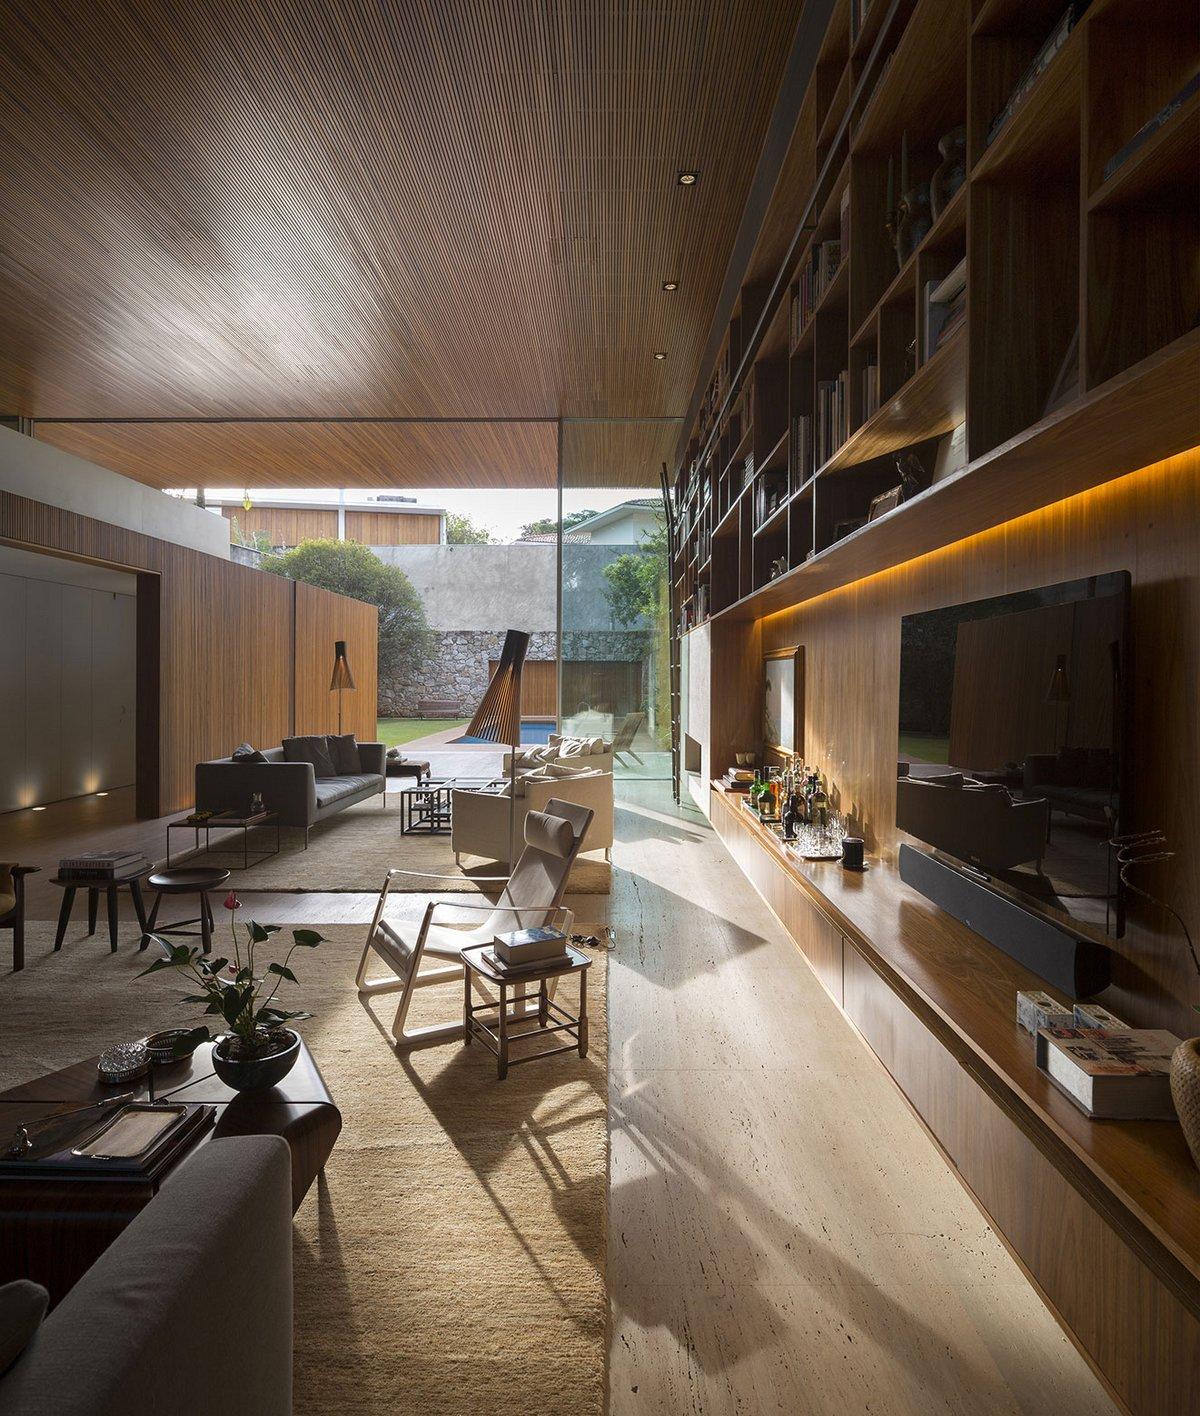 Studio MK27, Tetris House, деревянный фасад дома фото, фасад дома из бетона примеры, обзор особняка Сан-Паулу, элитная недвижимость в Бразилии